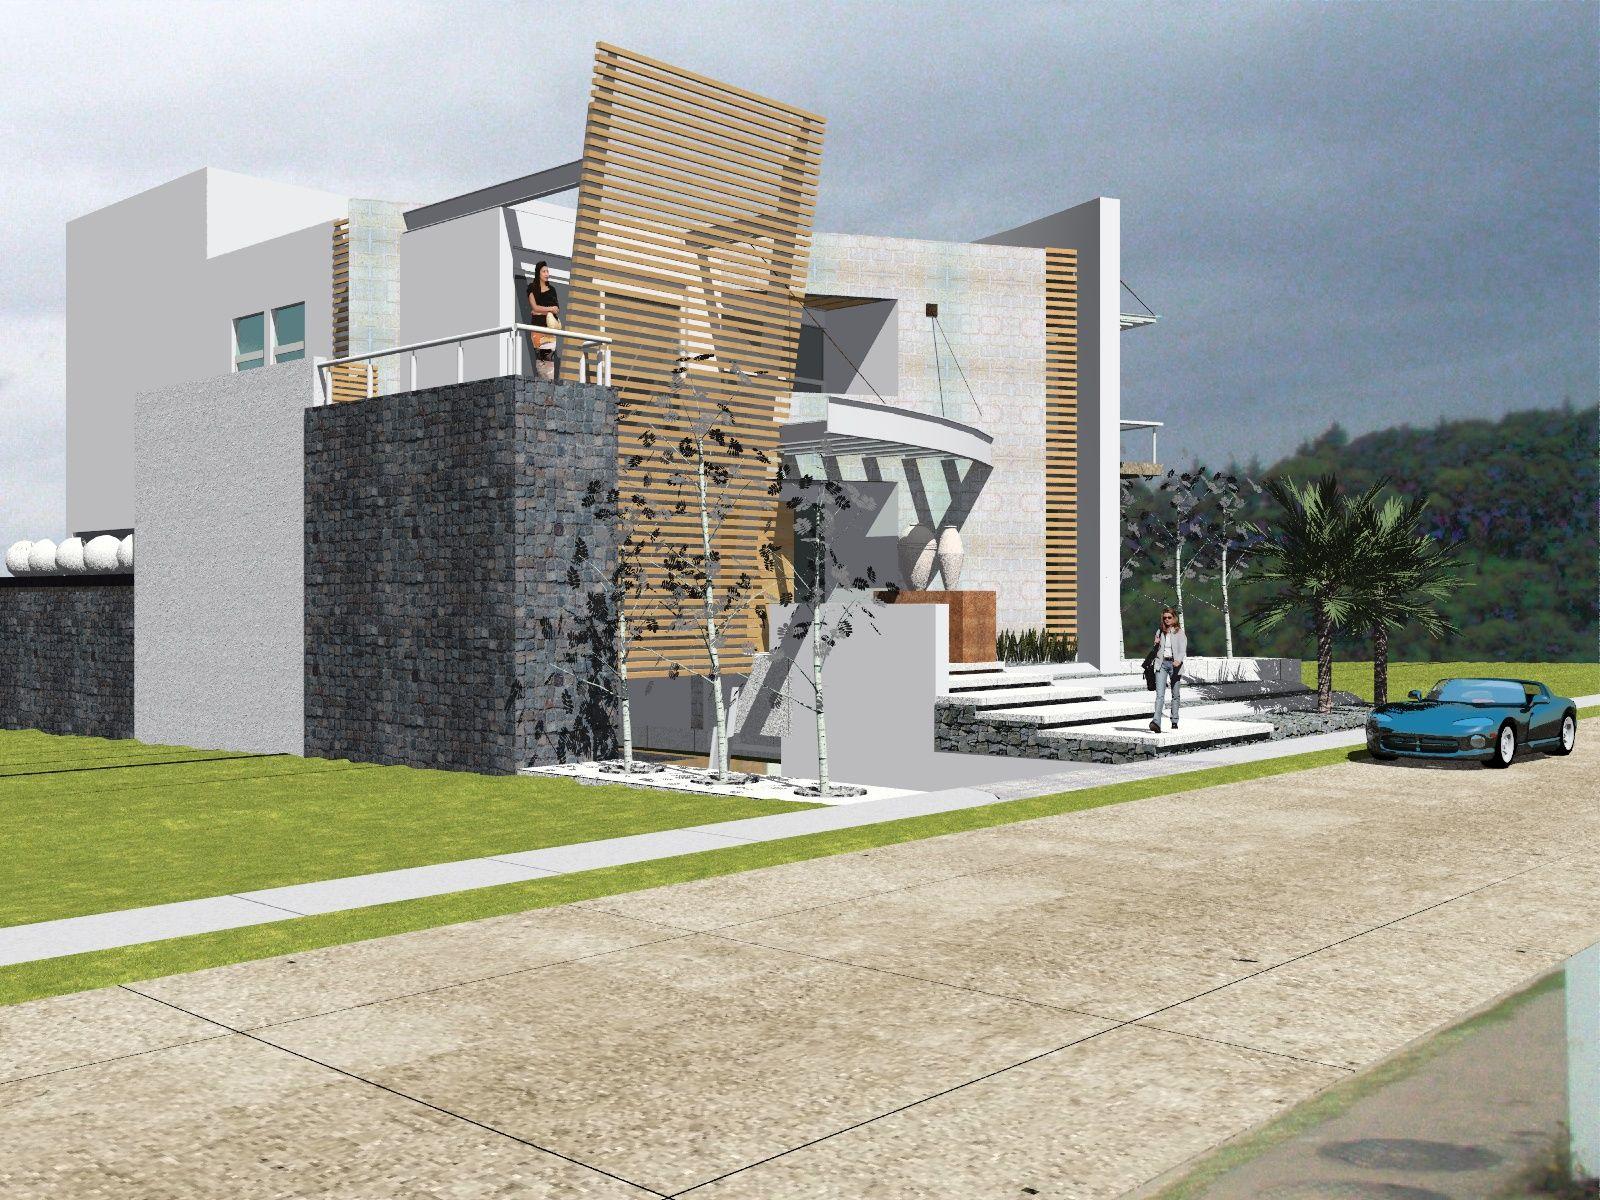 El dise o de la casa sai un tratamiento en fachada - Tratamientos para la madera ...